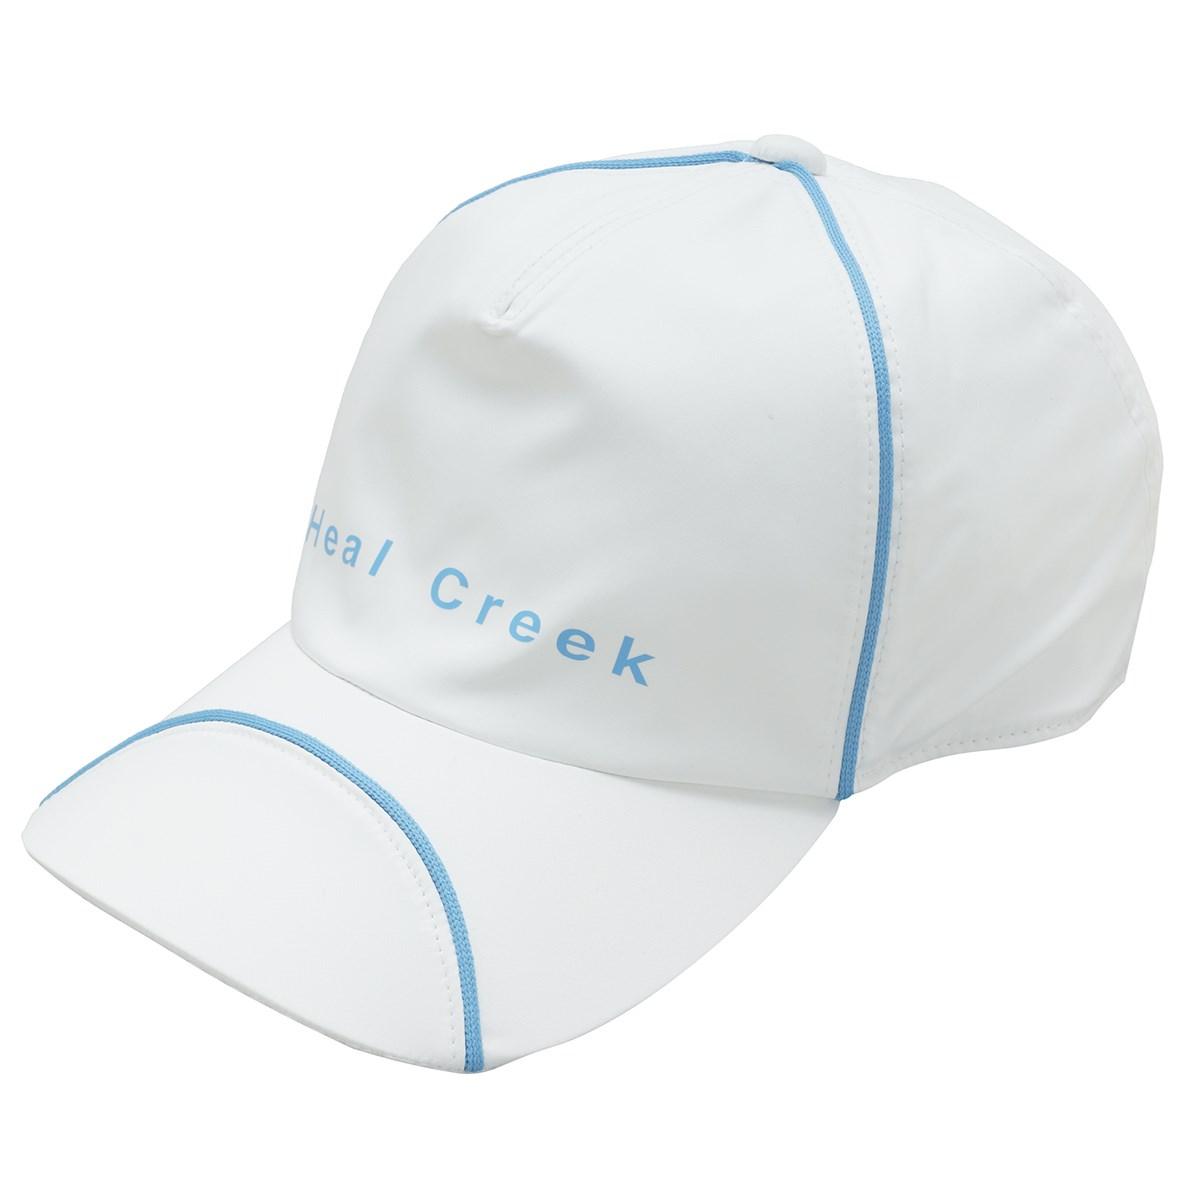 ヒールクリーク Heal Creek レインキャップ フリー オフホワイト 005